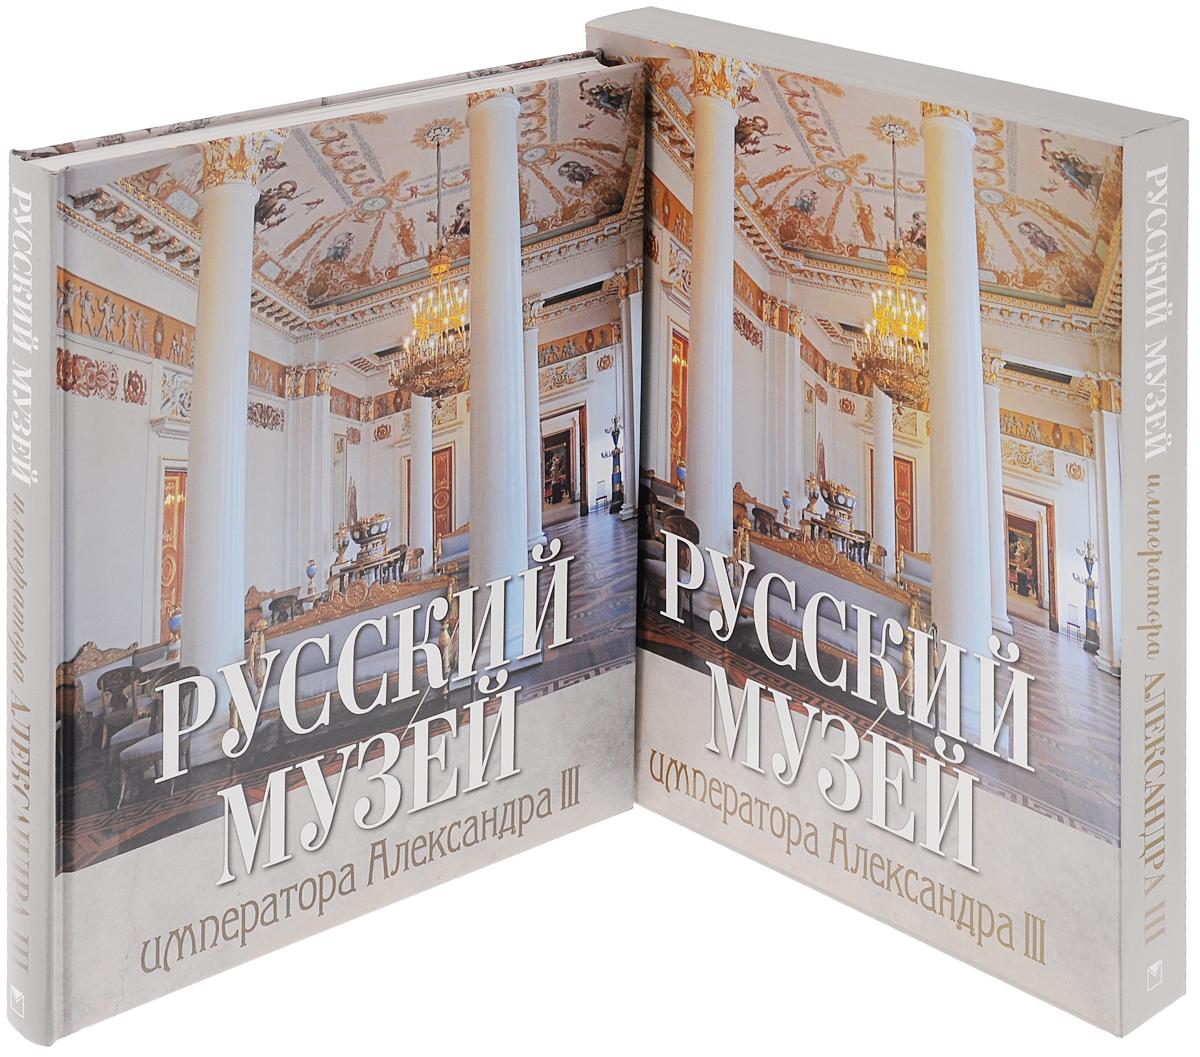 Врангель Н.Н. Русский музей императора Александра III. Врангель Н.Н. русский музей императора александра iii